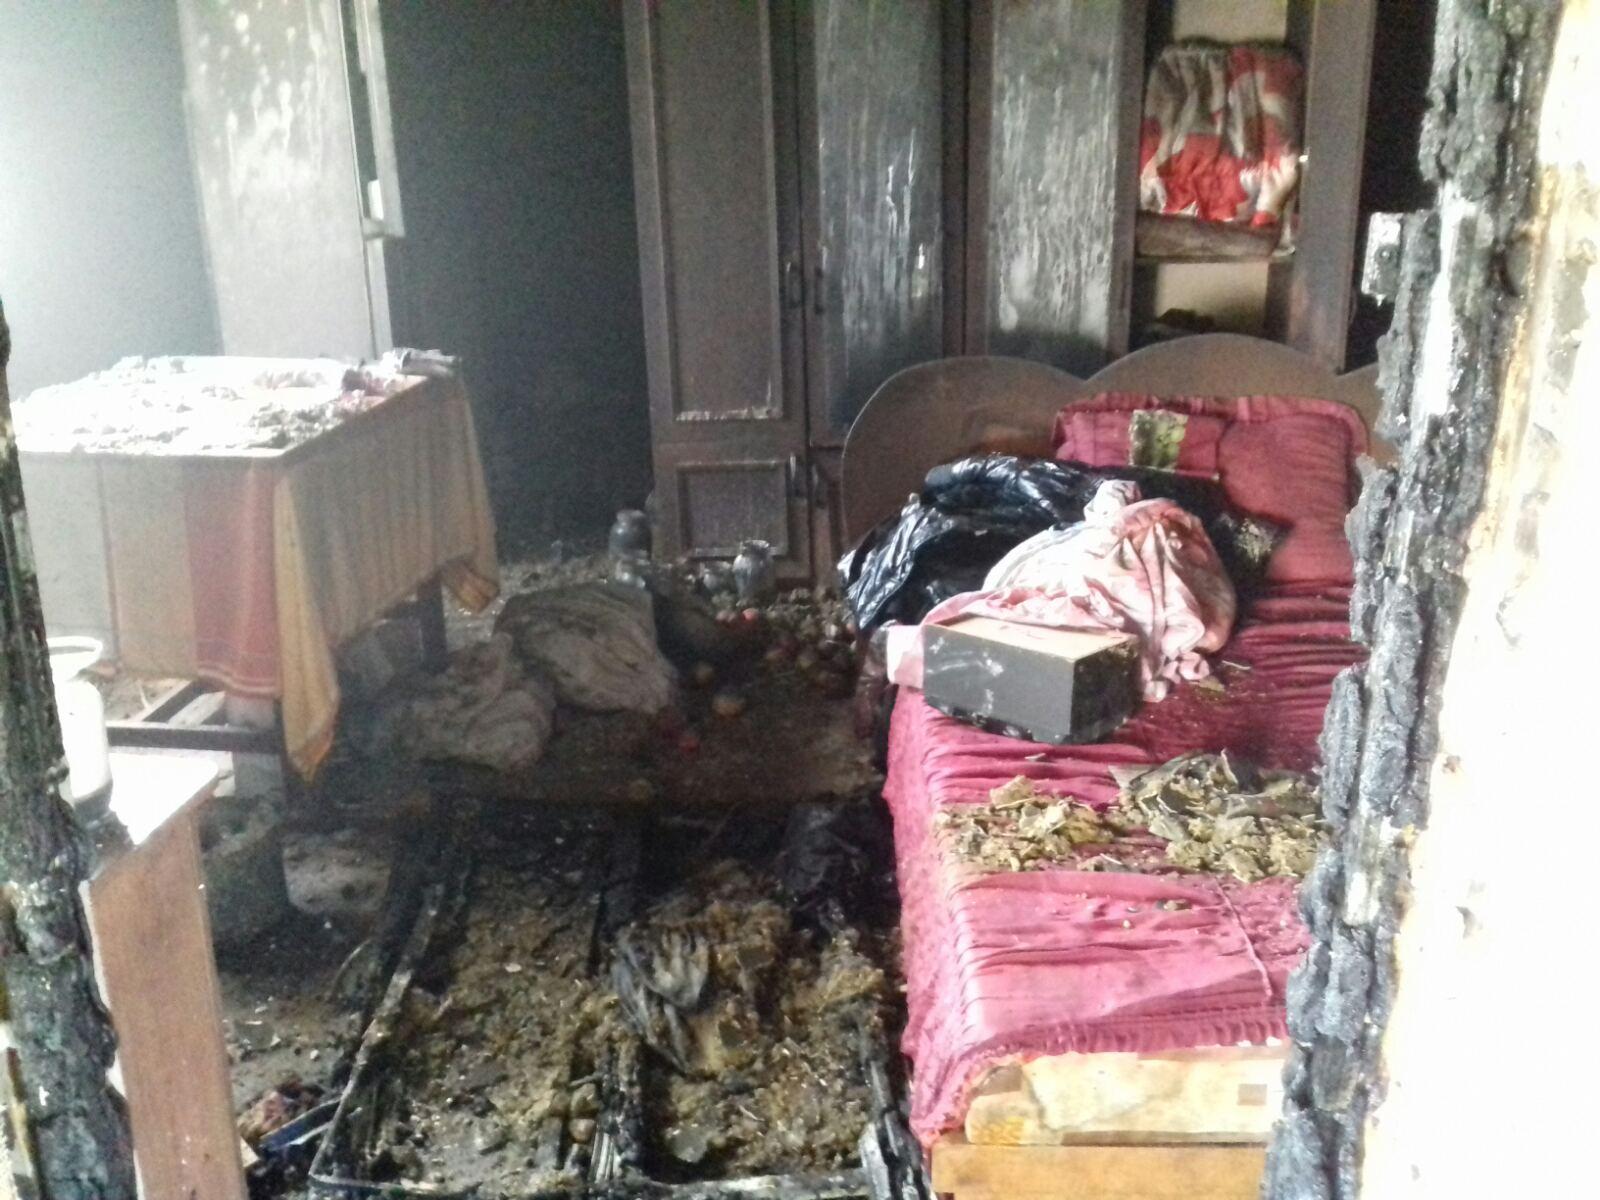 Вранці 1 листопада виникла пожежа в дерев'яному житловому будинку, розташованому в с. Вільхівці-Лази Тячівського району.